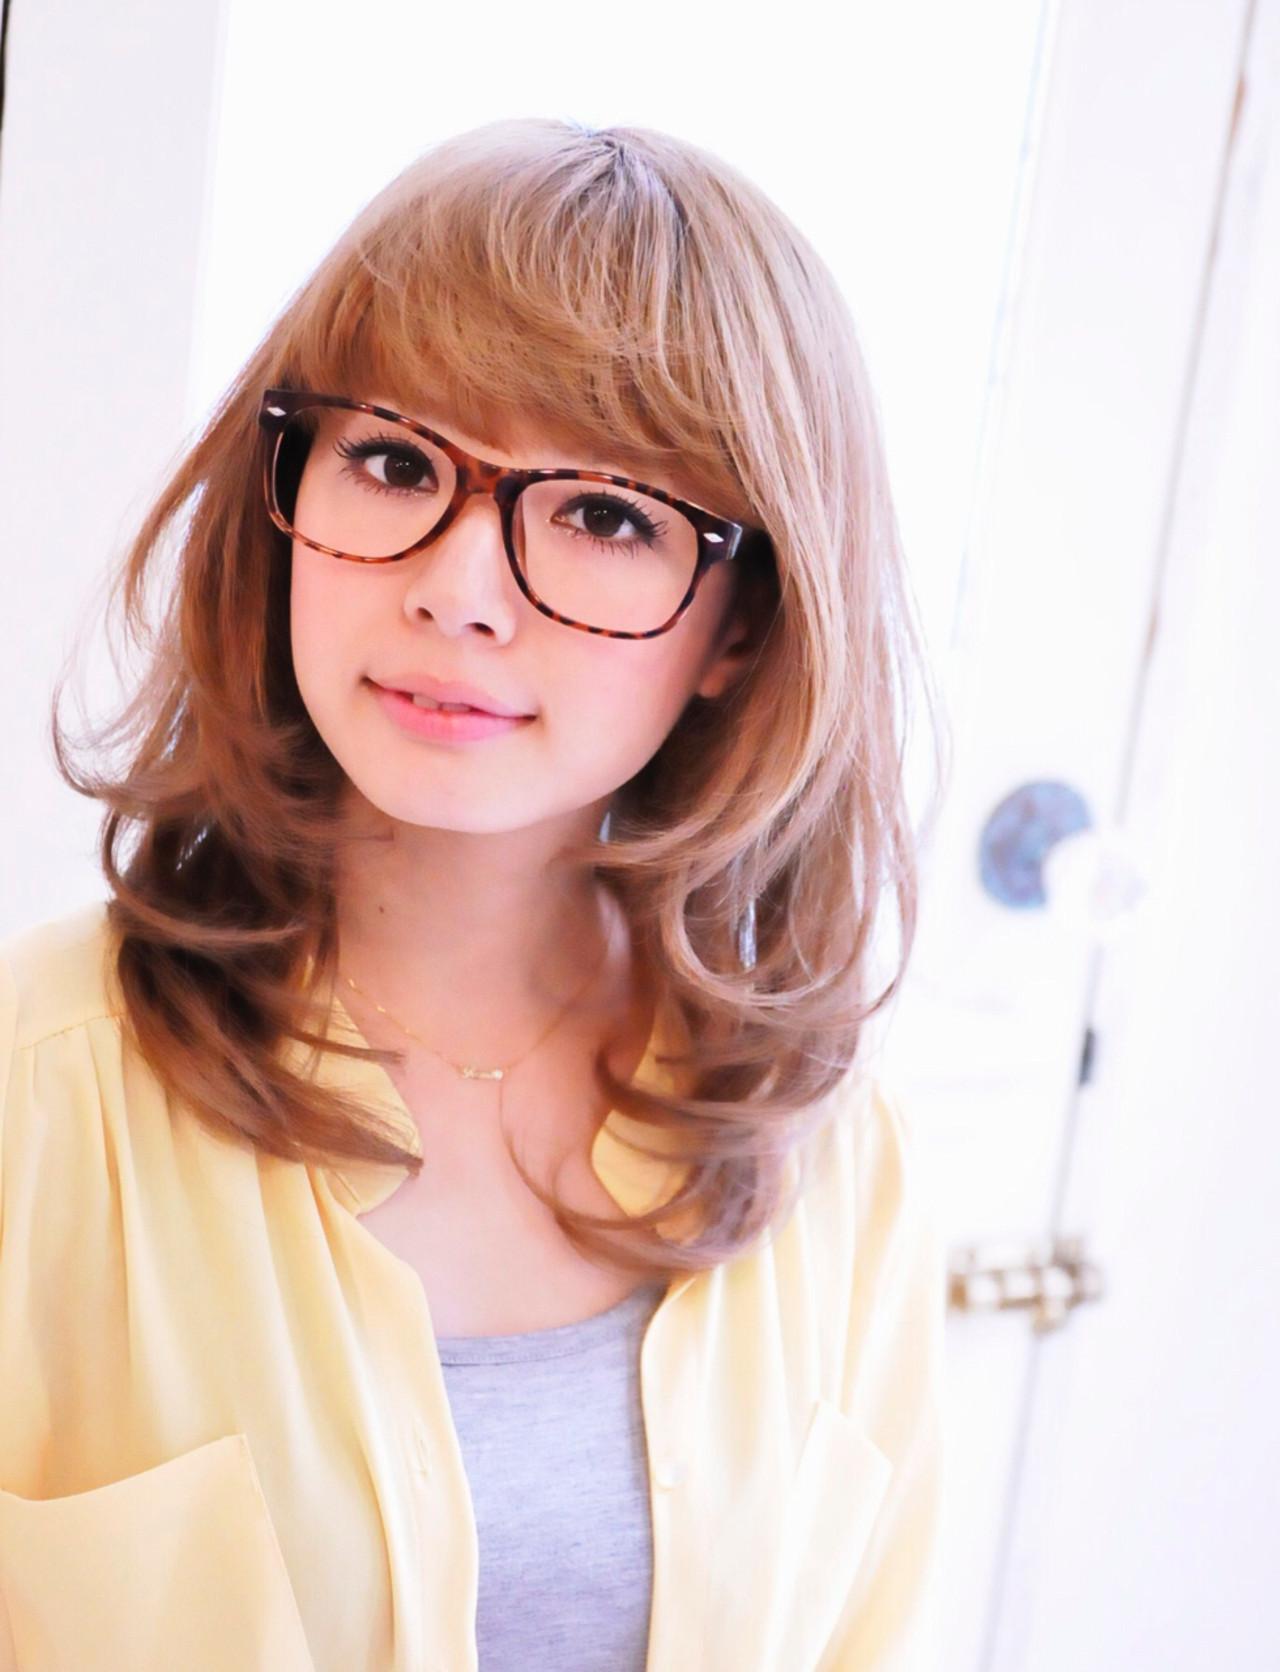 ゆるふわ 大人女子 ミディアム フェミニン ヘアスタイルや髪型の写真・画像